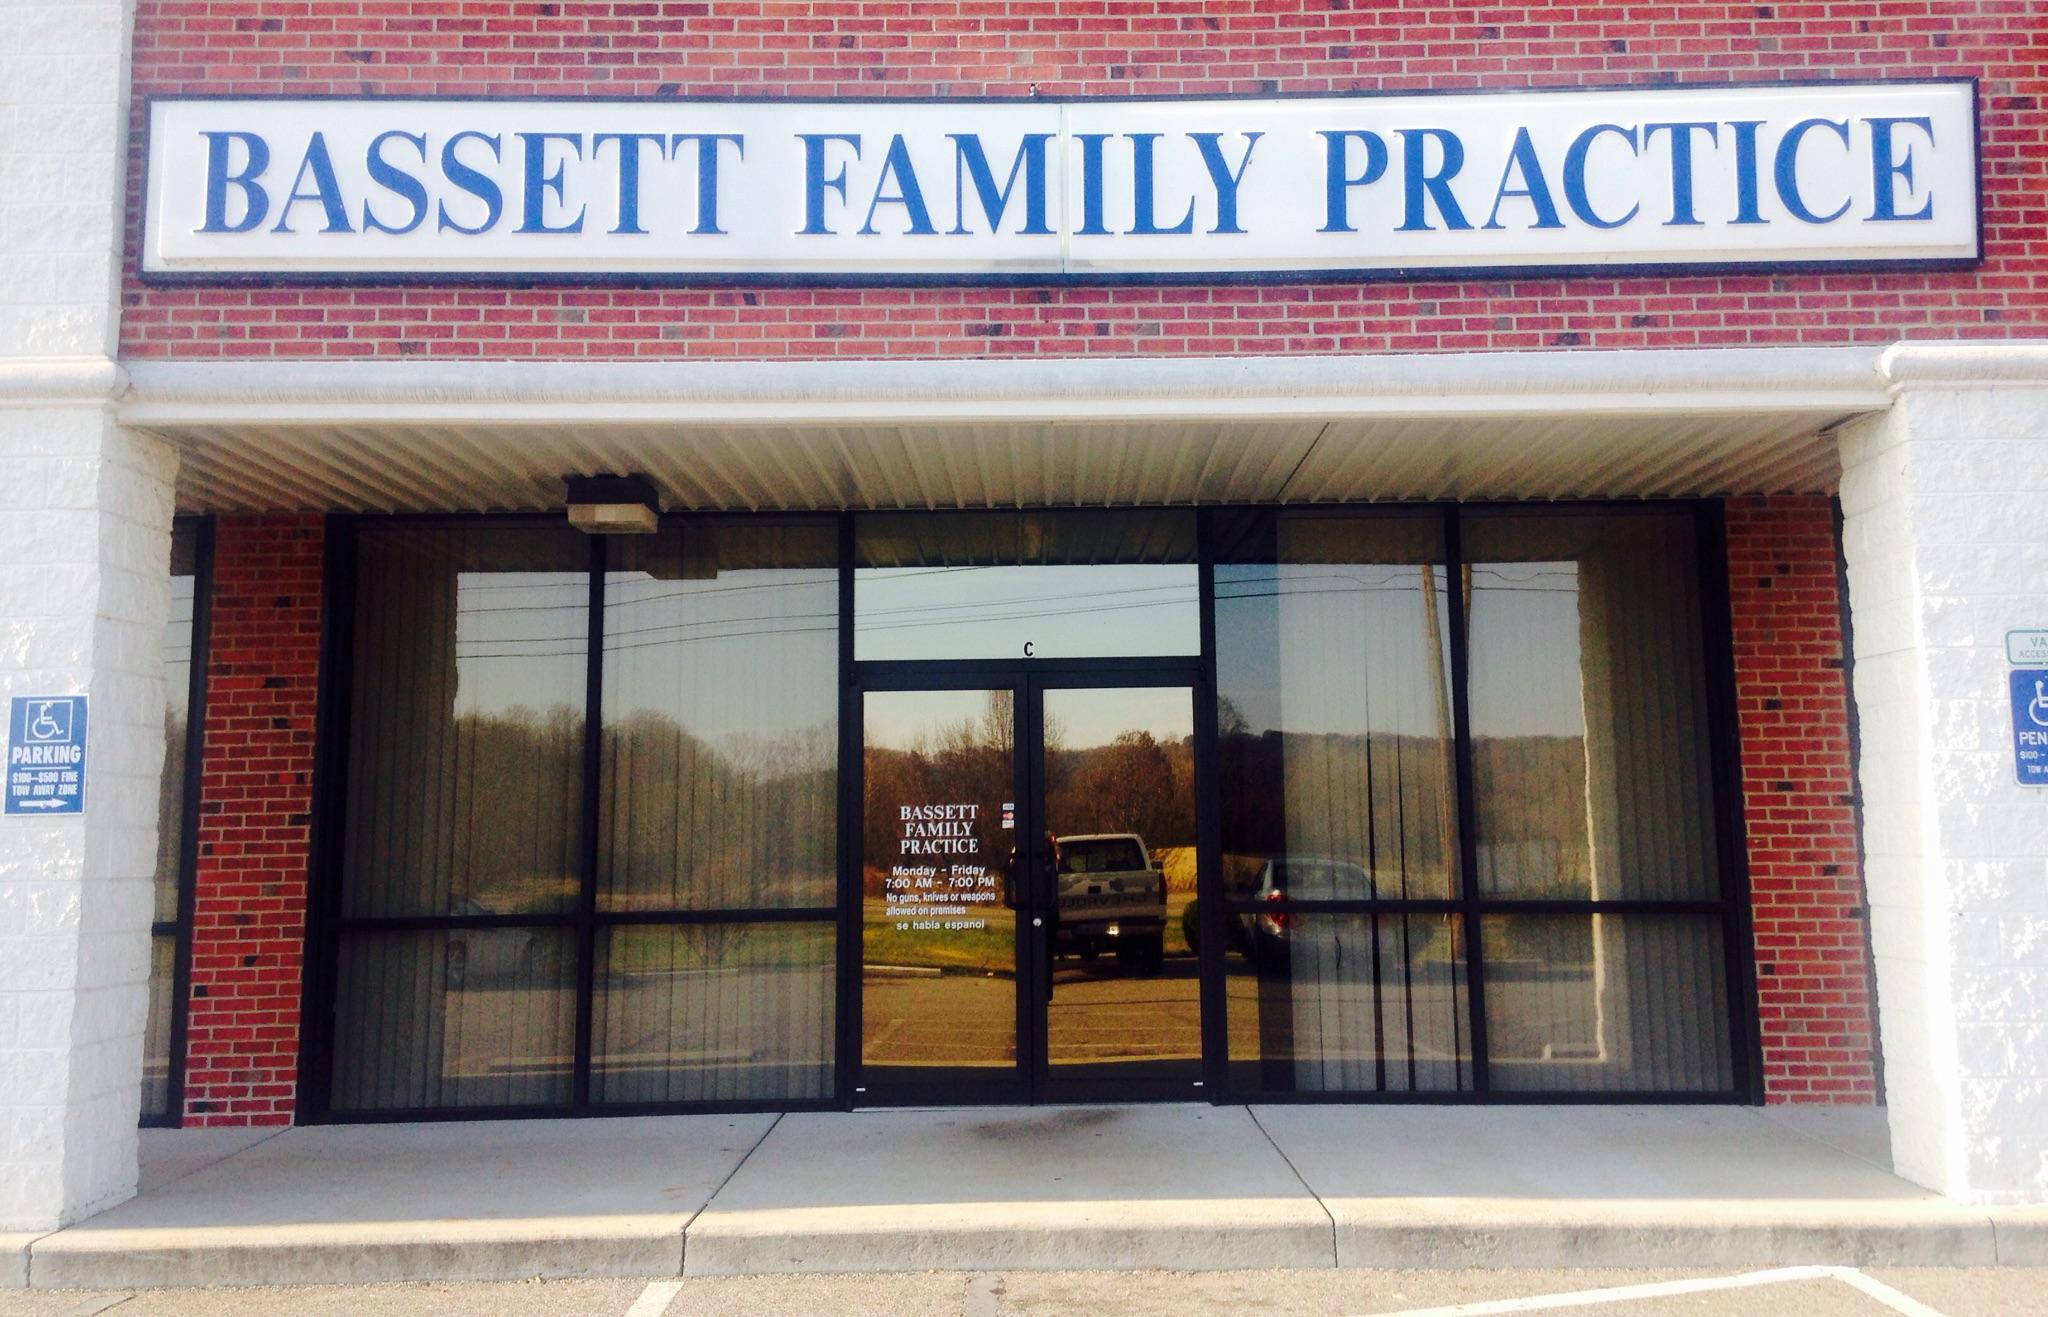 exterior of Bassett Family Practice